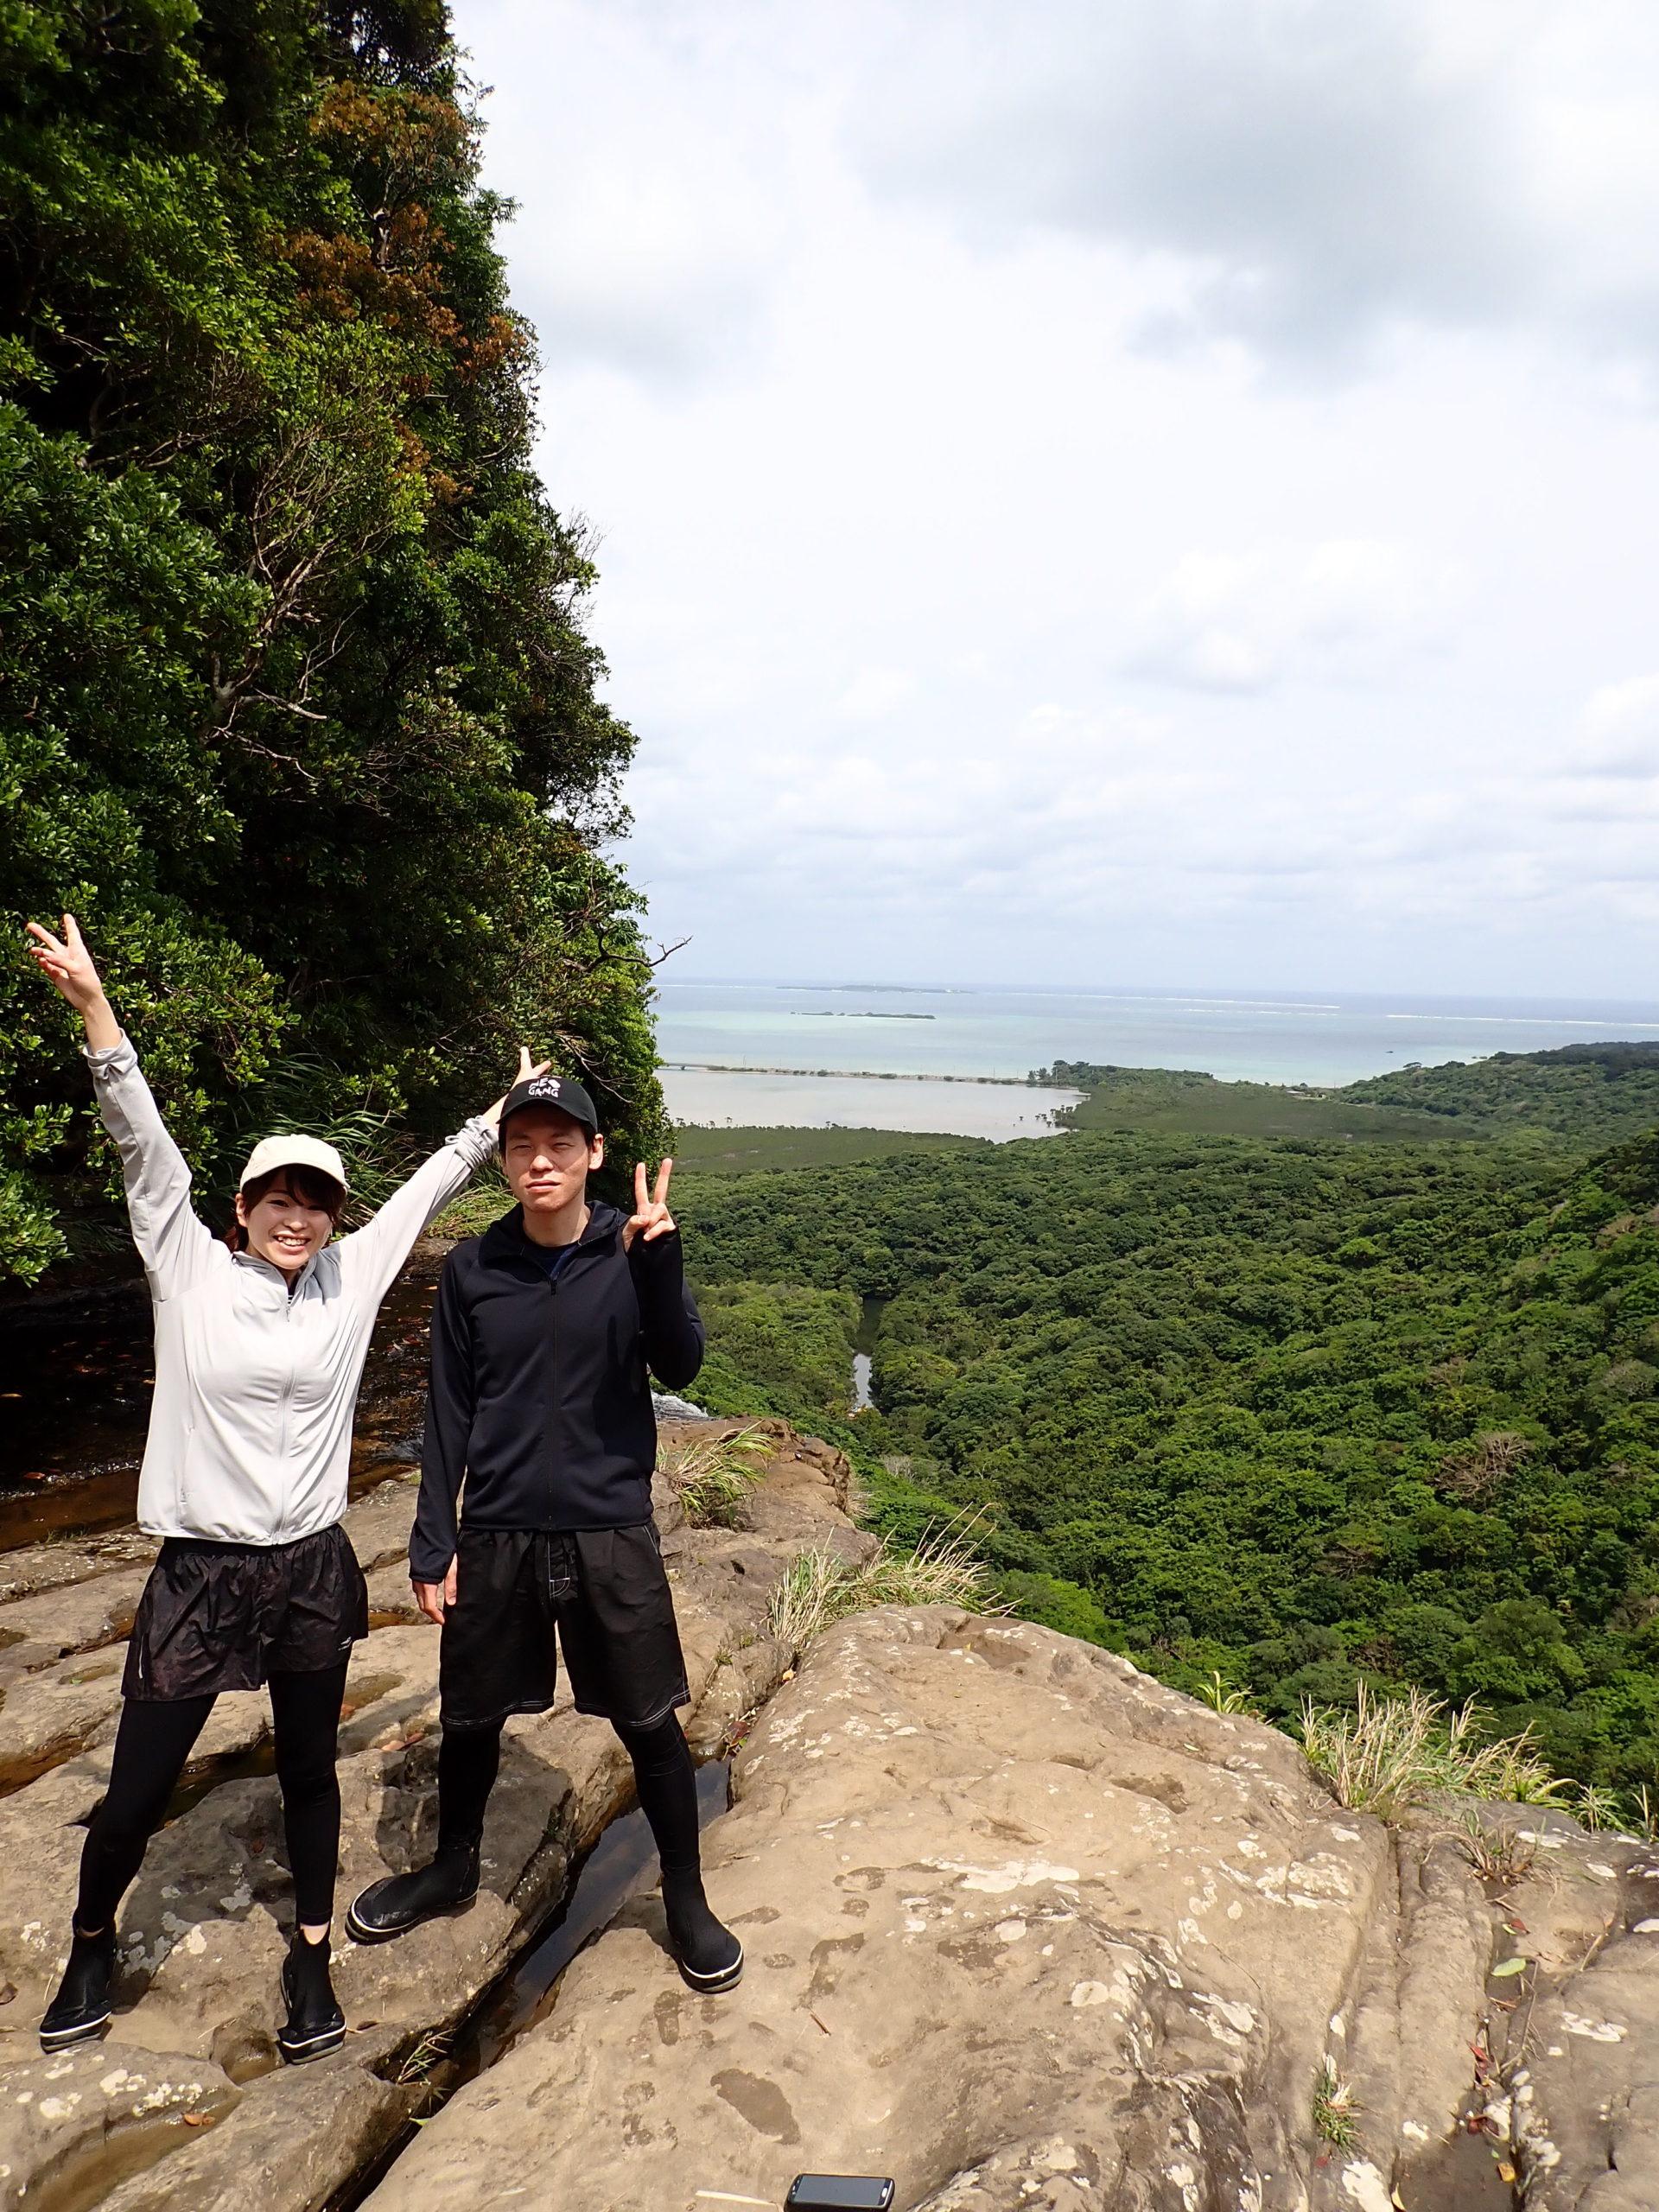 旅にハプニングはつきもの⁉︎大興奮、西表島 ピナイサーラの滝カヌーツアー